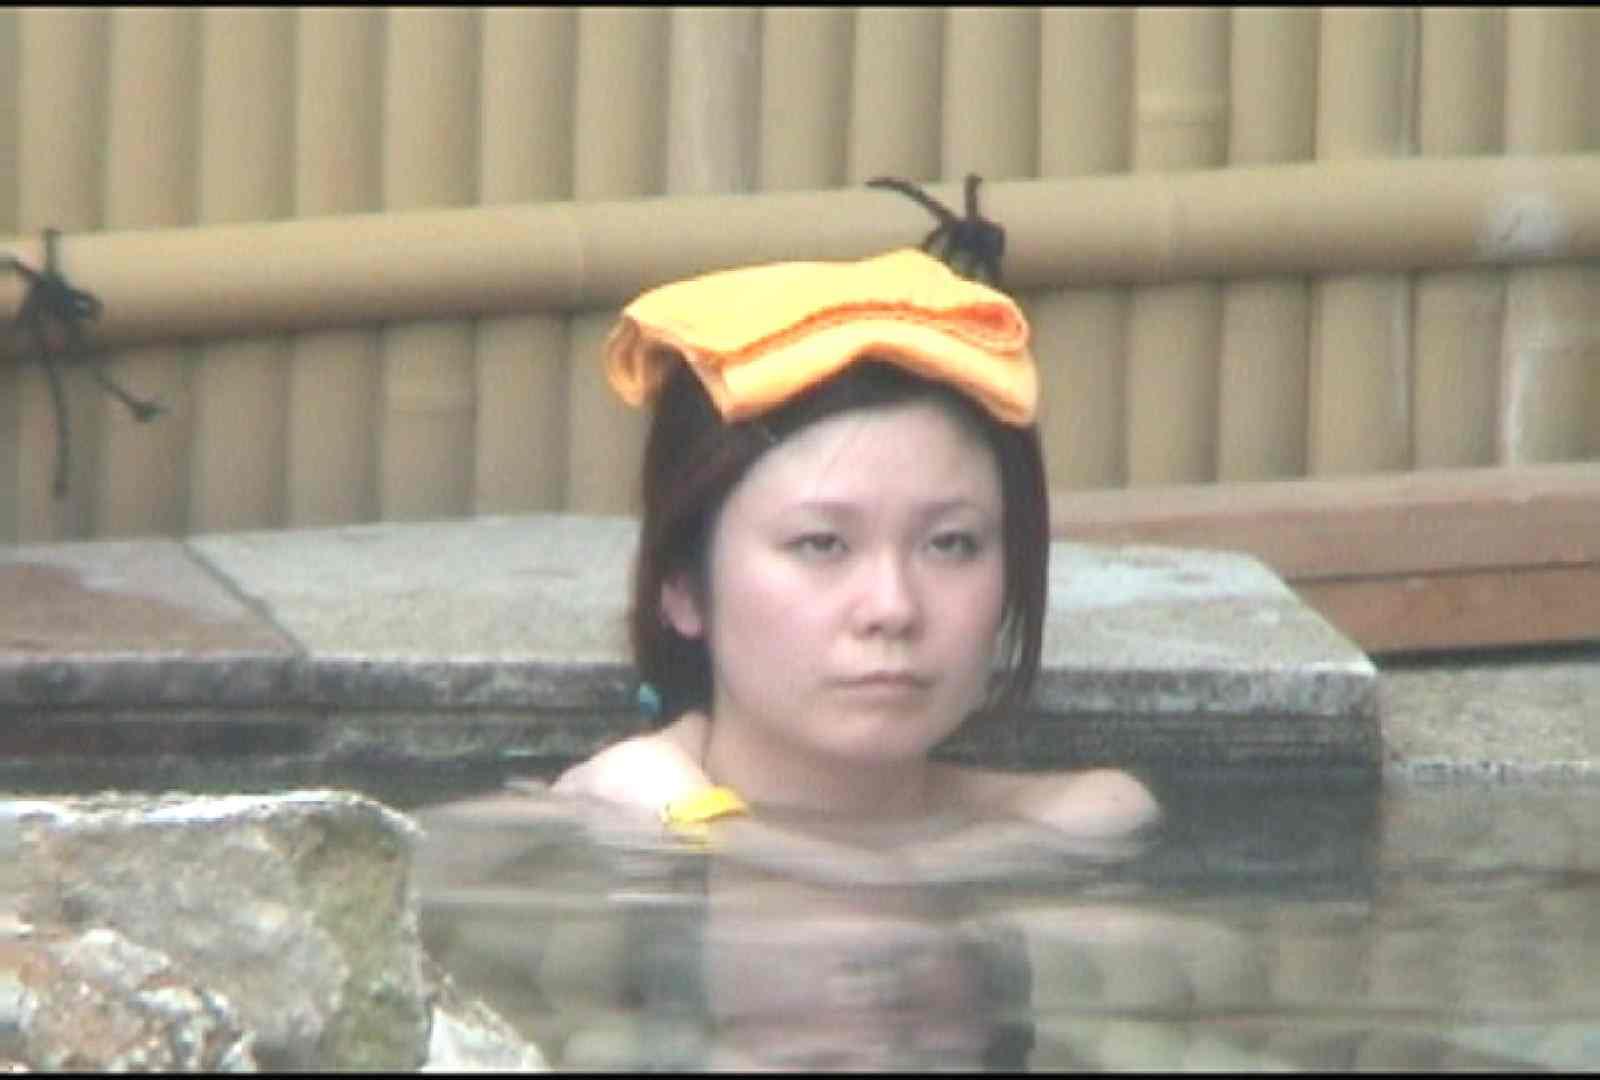 Aquaな露天風呂Vol.177 露天風呂 | 盗撮  40連発 7